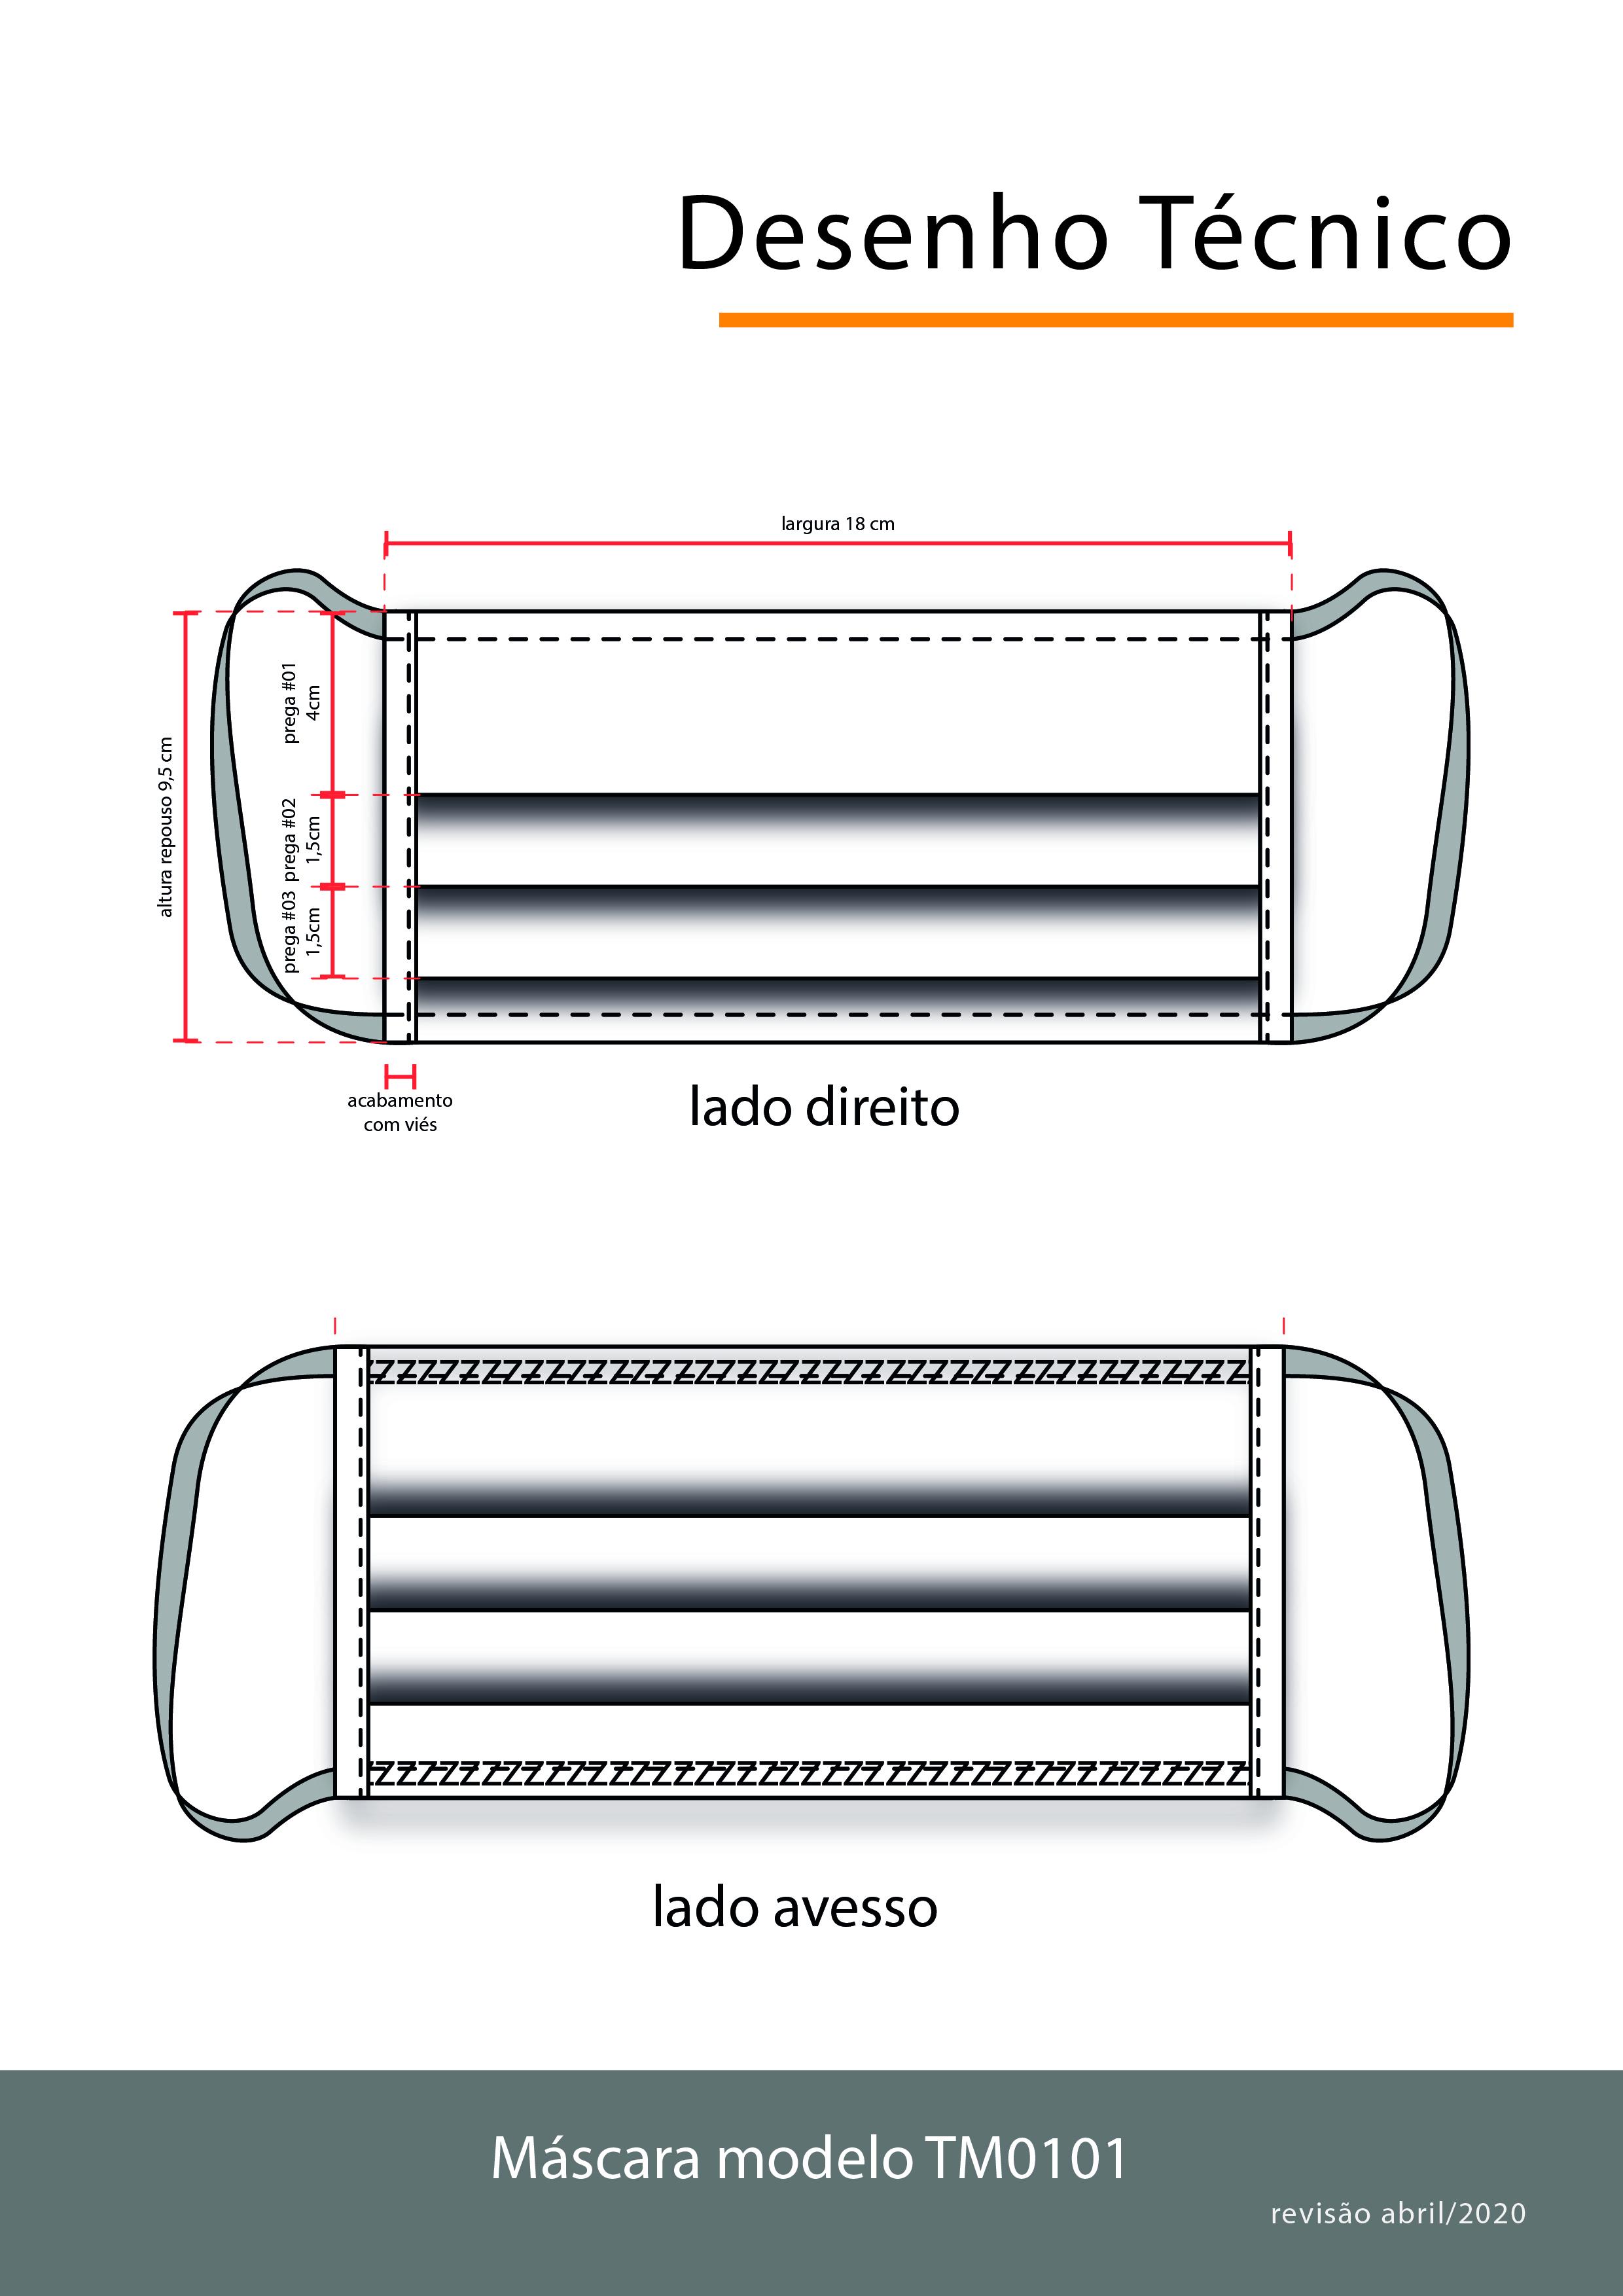 1-PROSPECTO MASCARA-TM0101-07